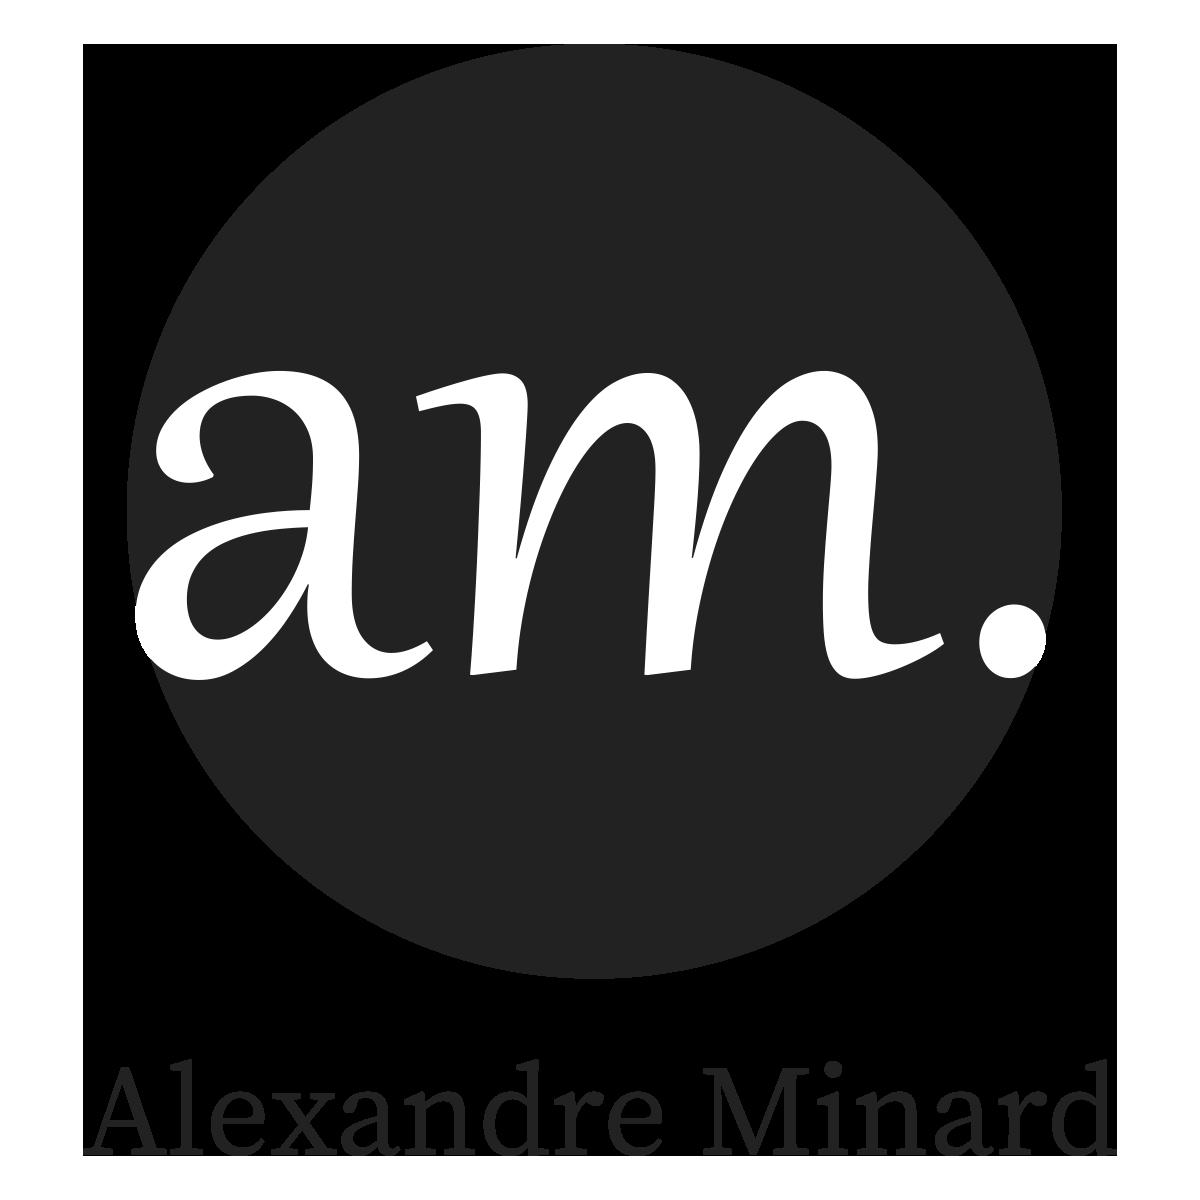 Alexandre Minard